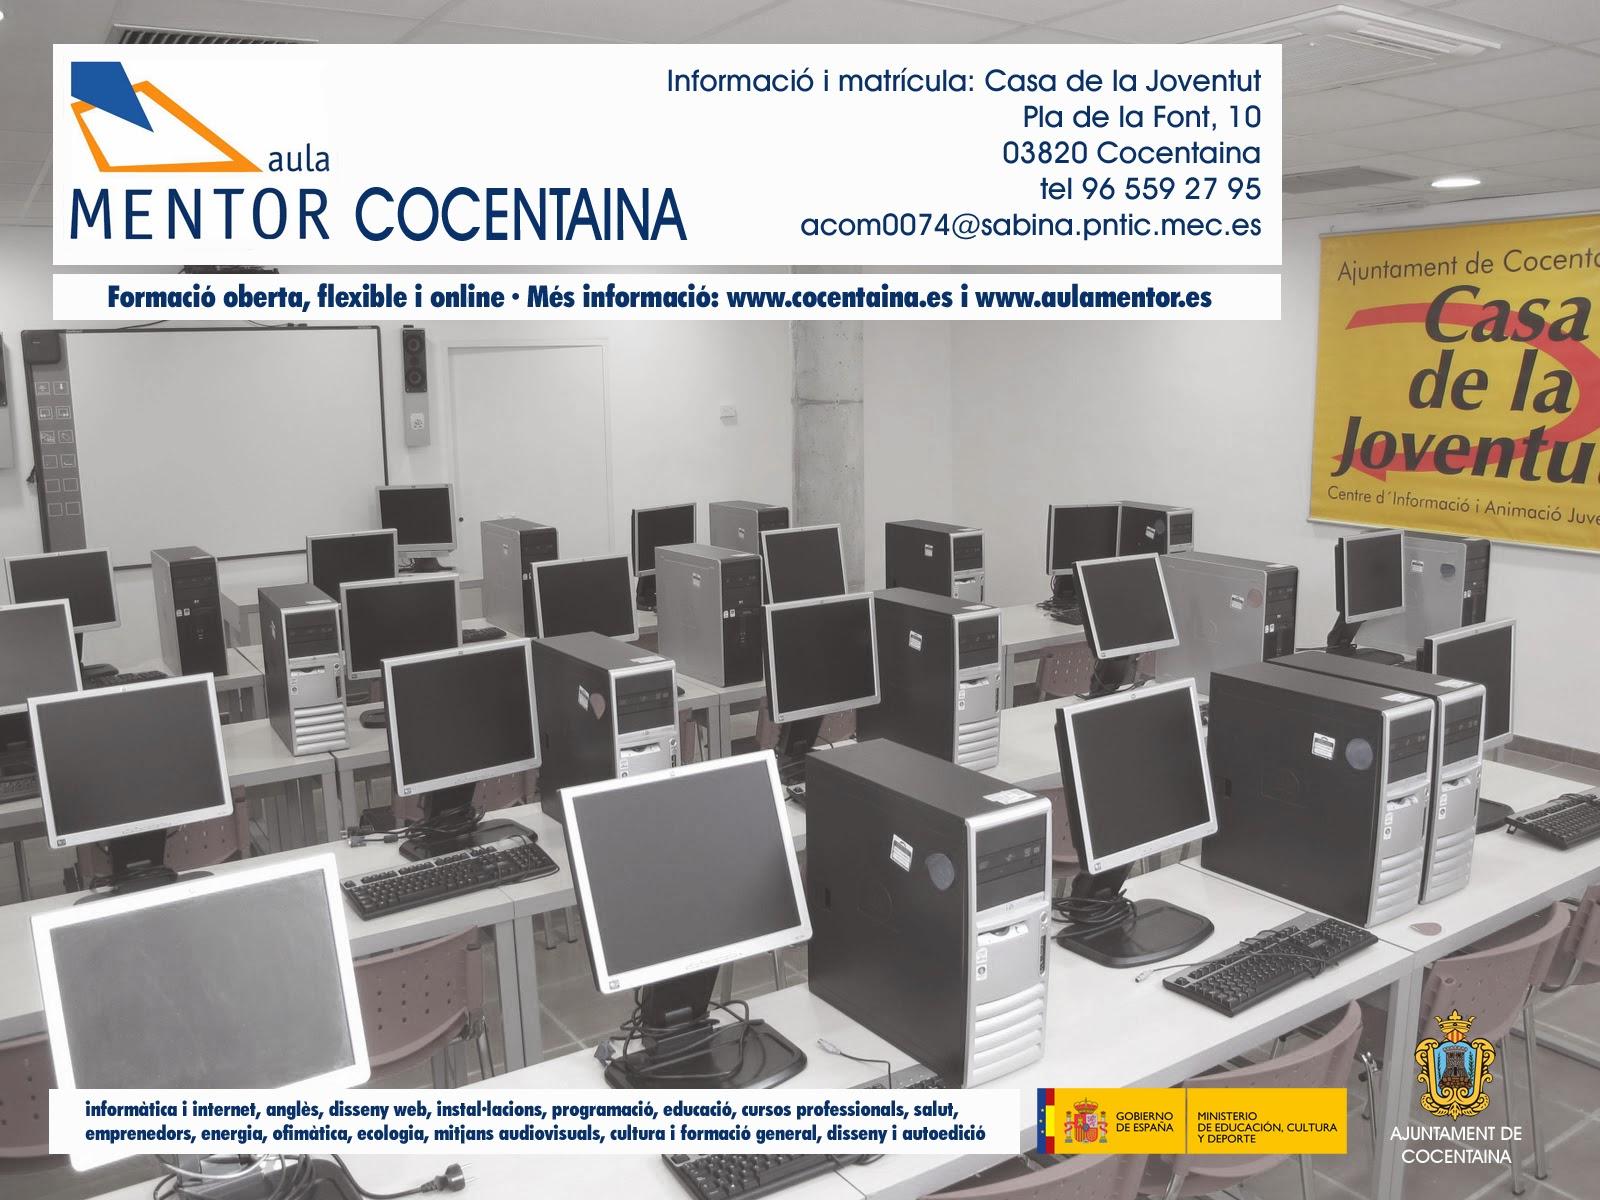 Aula Mentor Cocentaina